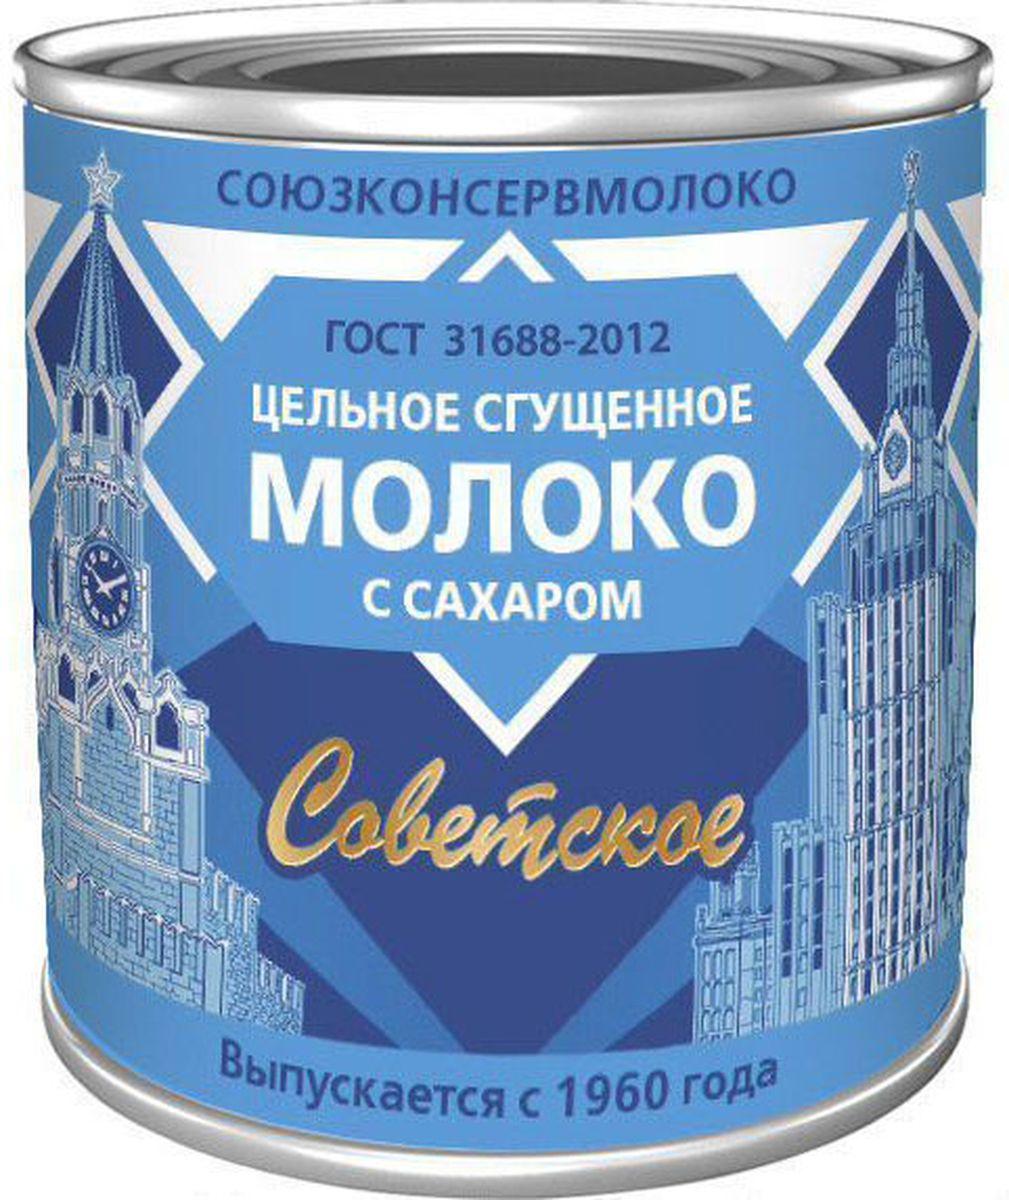 Союзконсервмолоко Советское молоко сгущенное, 380 г союзконсервмолоко советское молоко сгущенное 270 г